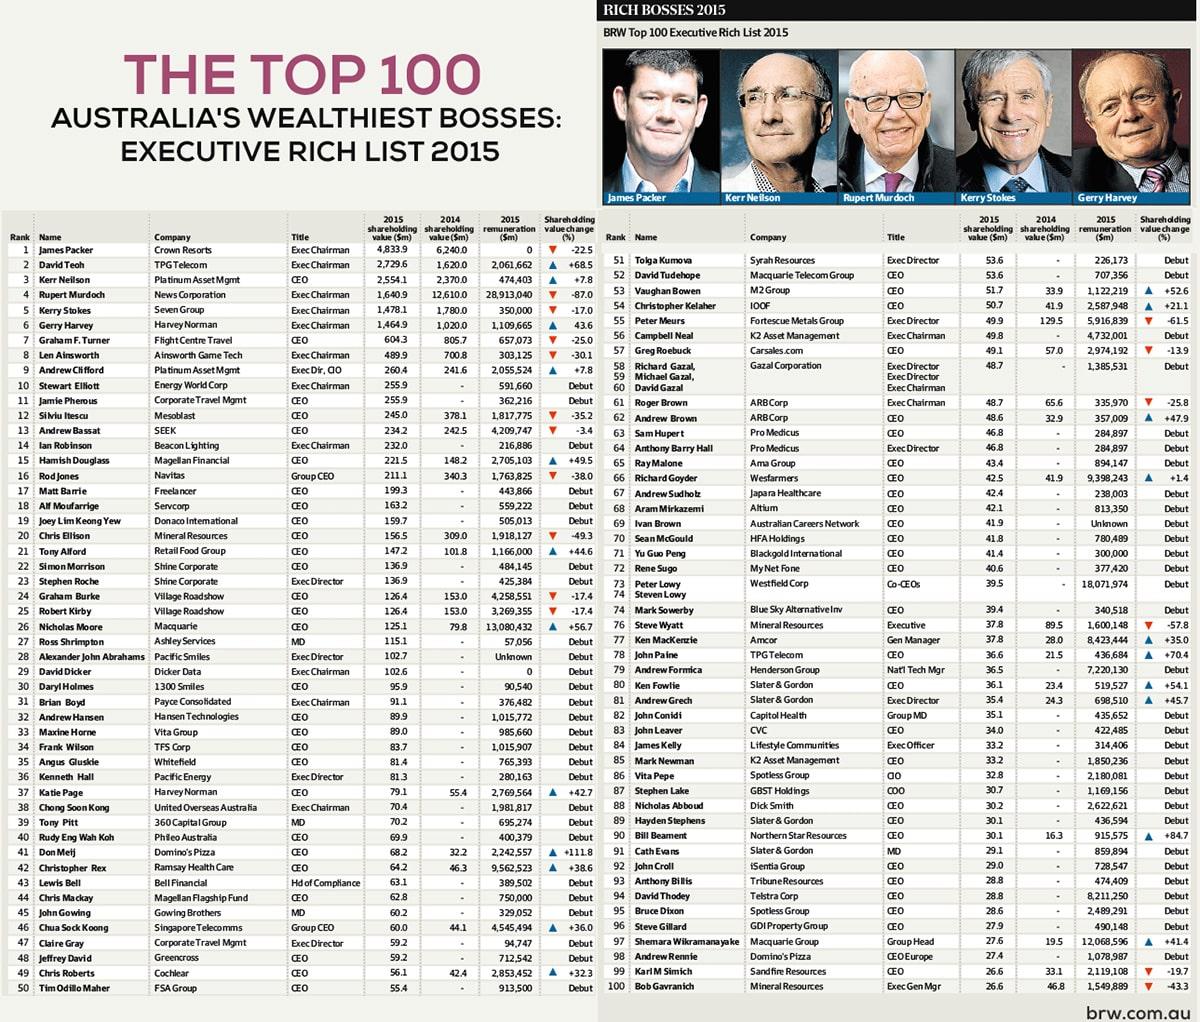 Top 20 Australia's Wealthiest Bosses: Executive Rich List 2015